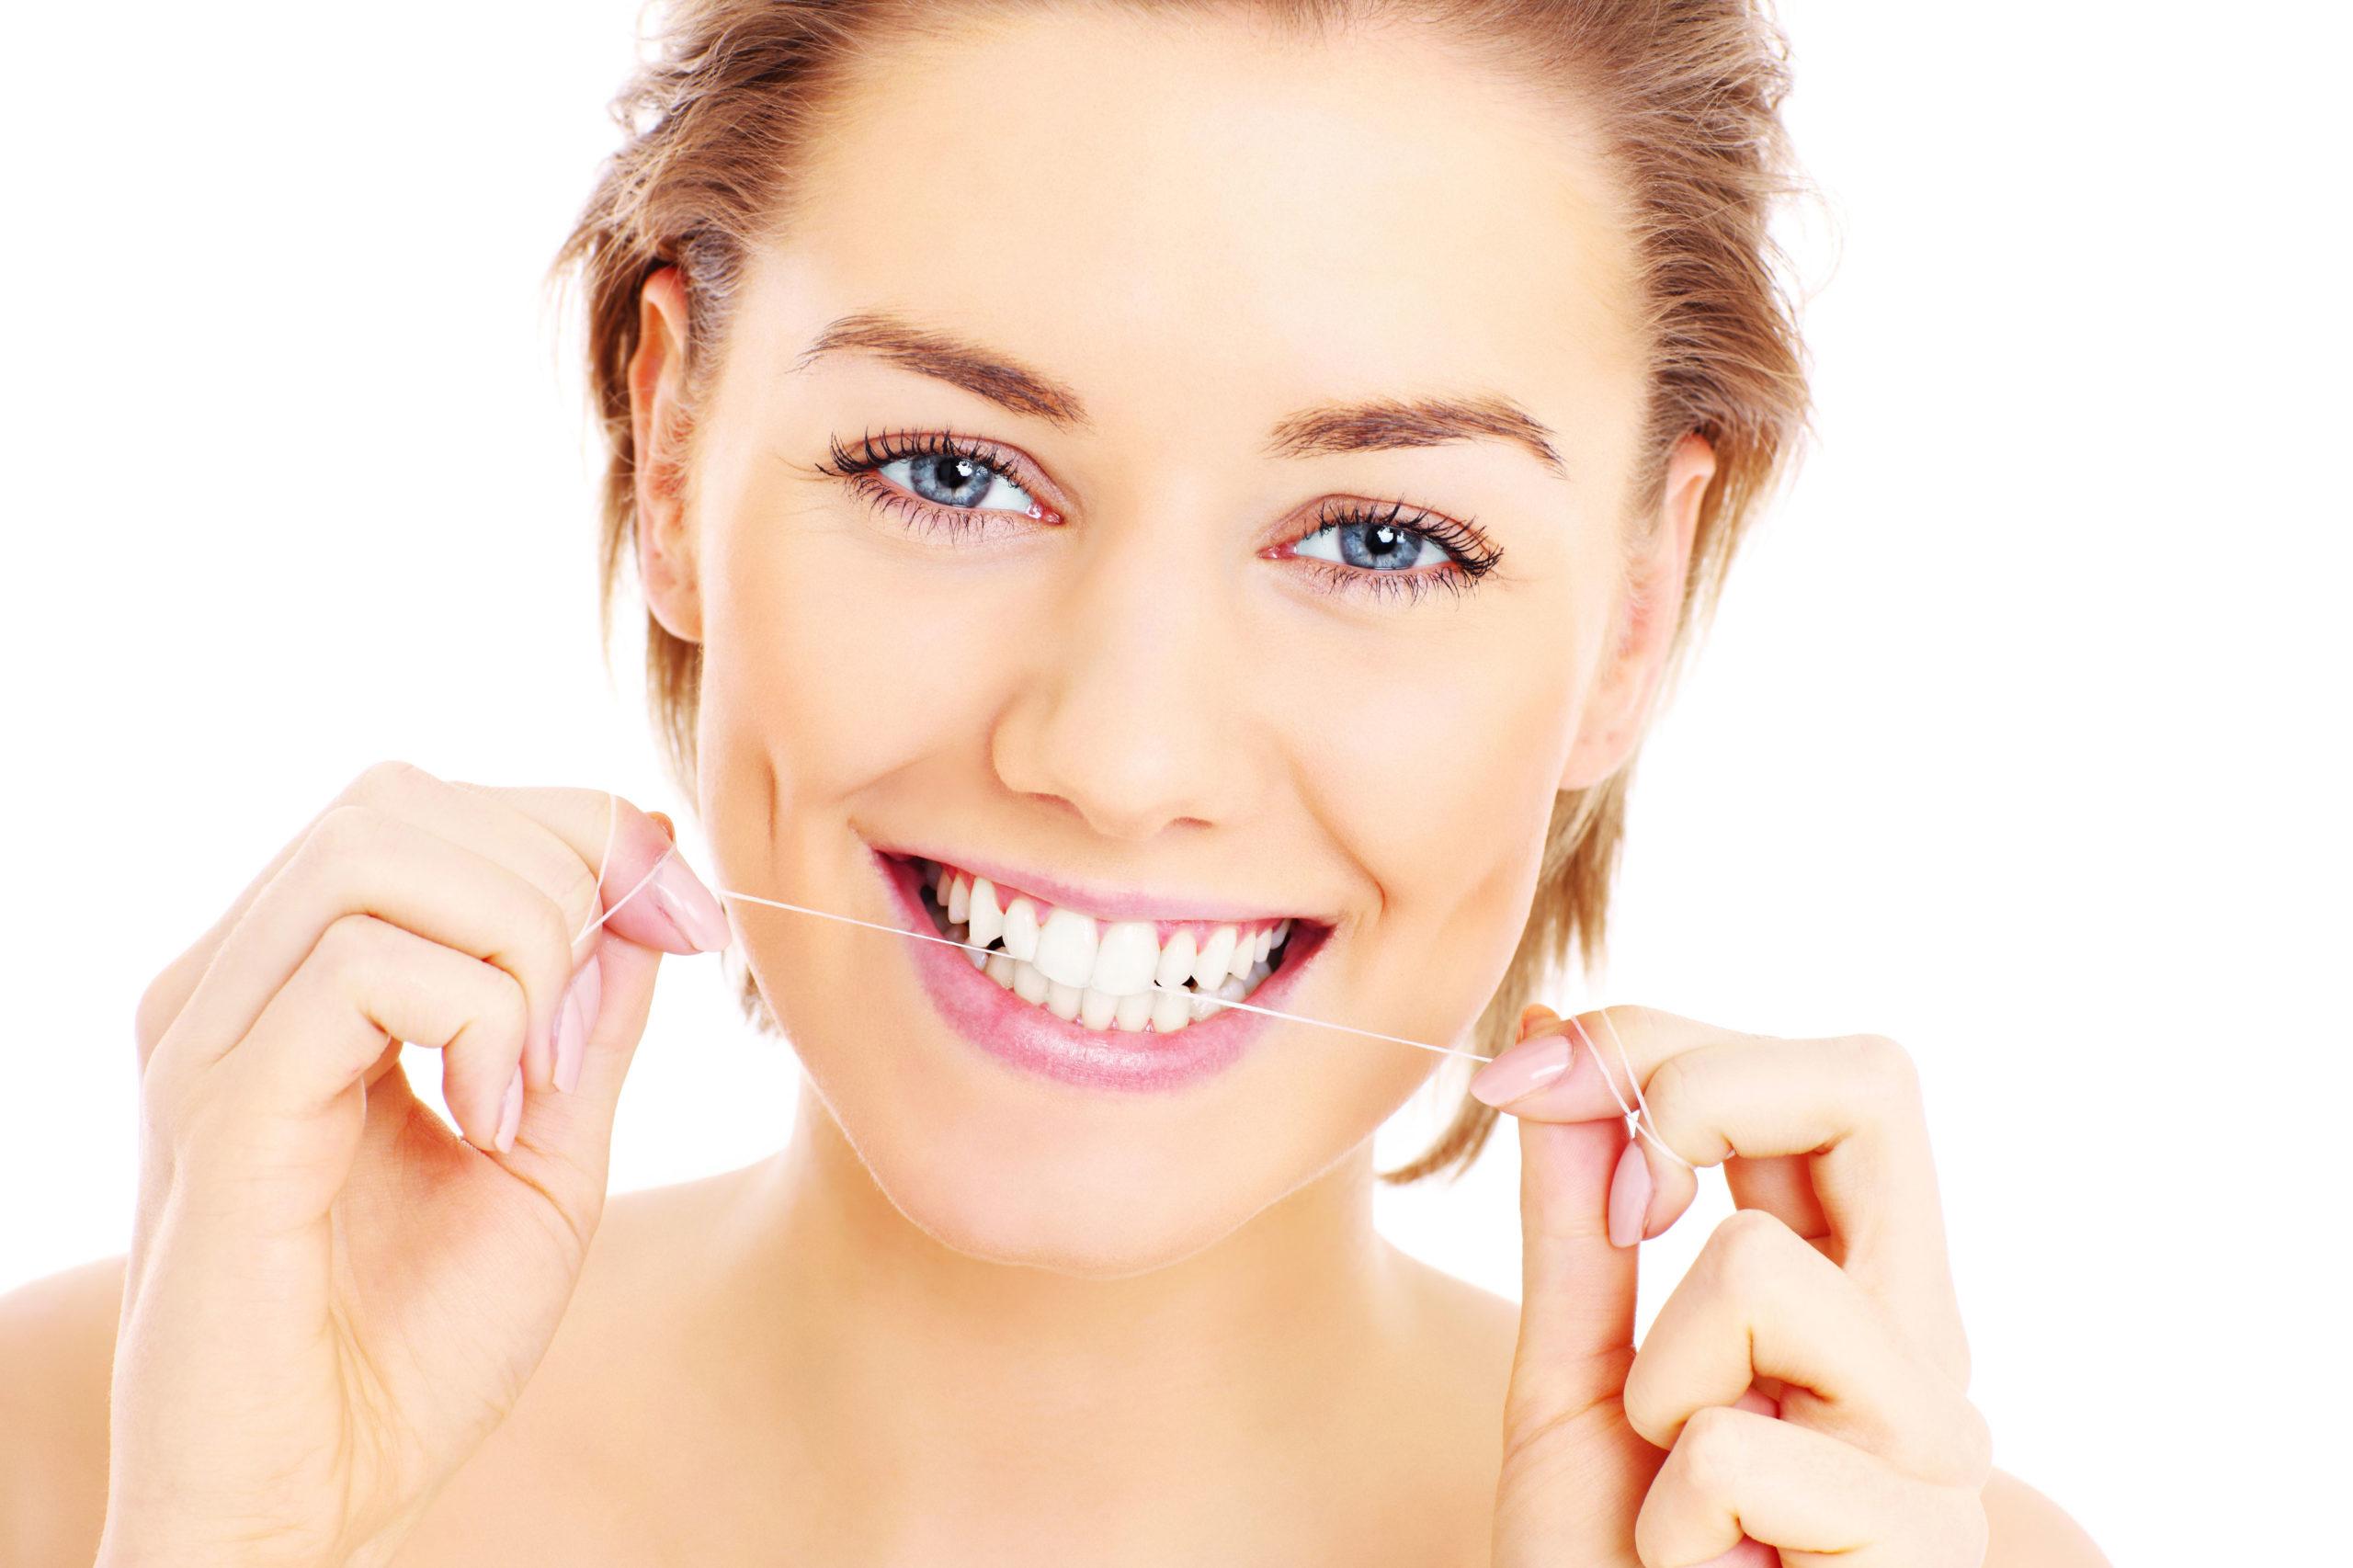 Dentist in Vidalia GA